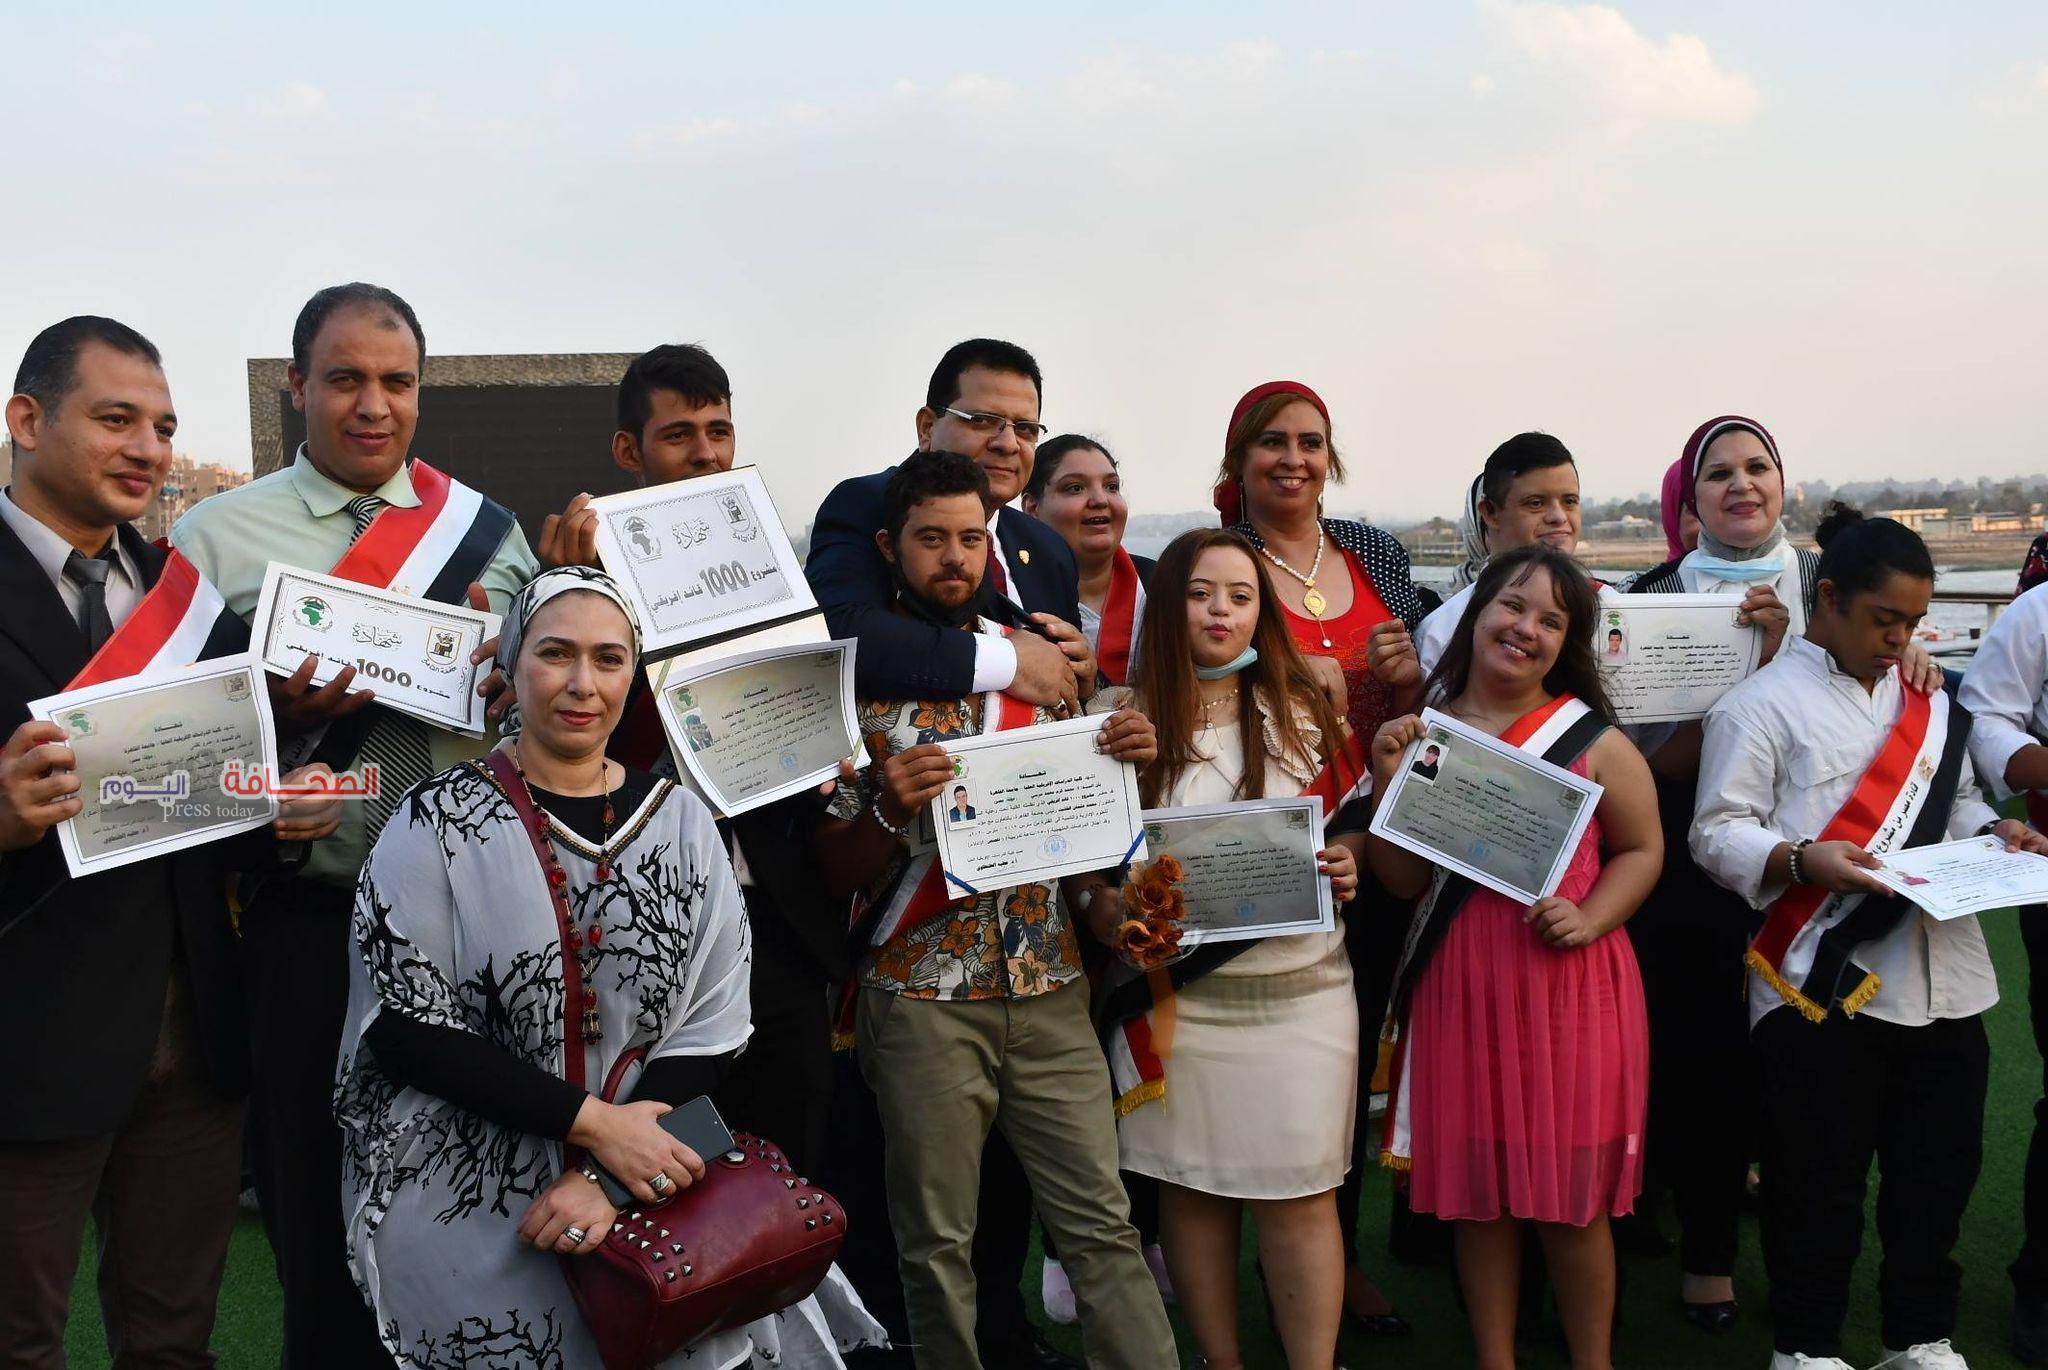 حفل تخريج مشروع 1000 قائد أفريقى لاصحاب الهمم